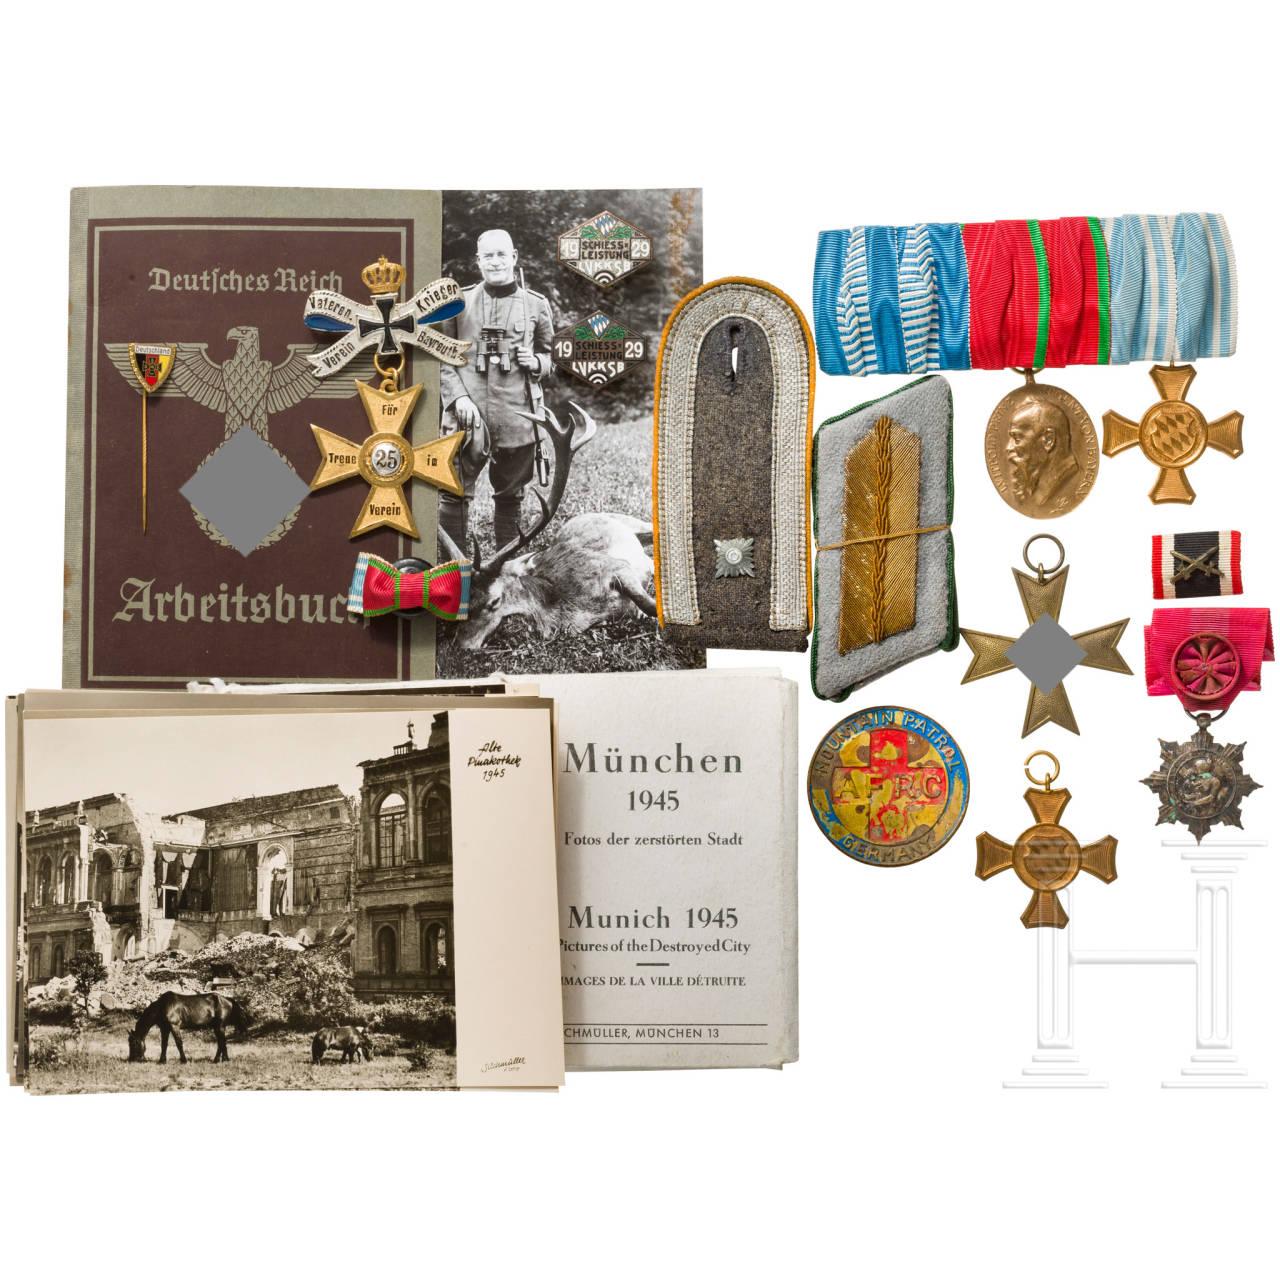 Ordensschnalle, Abzeichen Schützenwesen, ZBA Olympia 1936, Fotos, Varia, Bayern